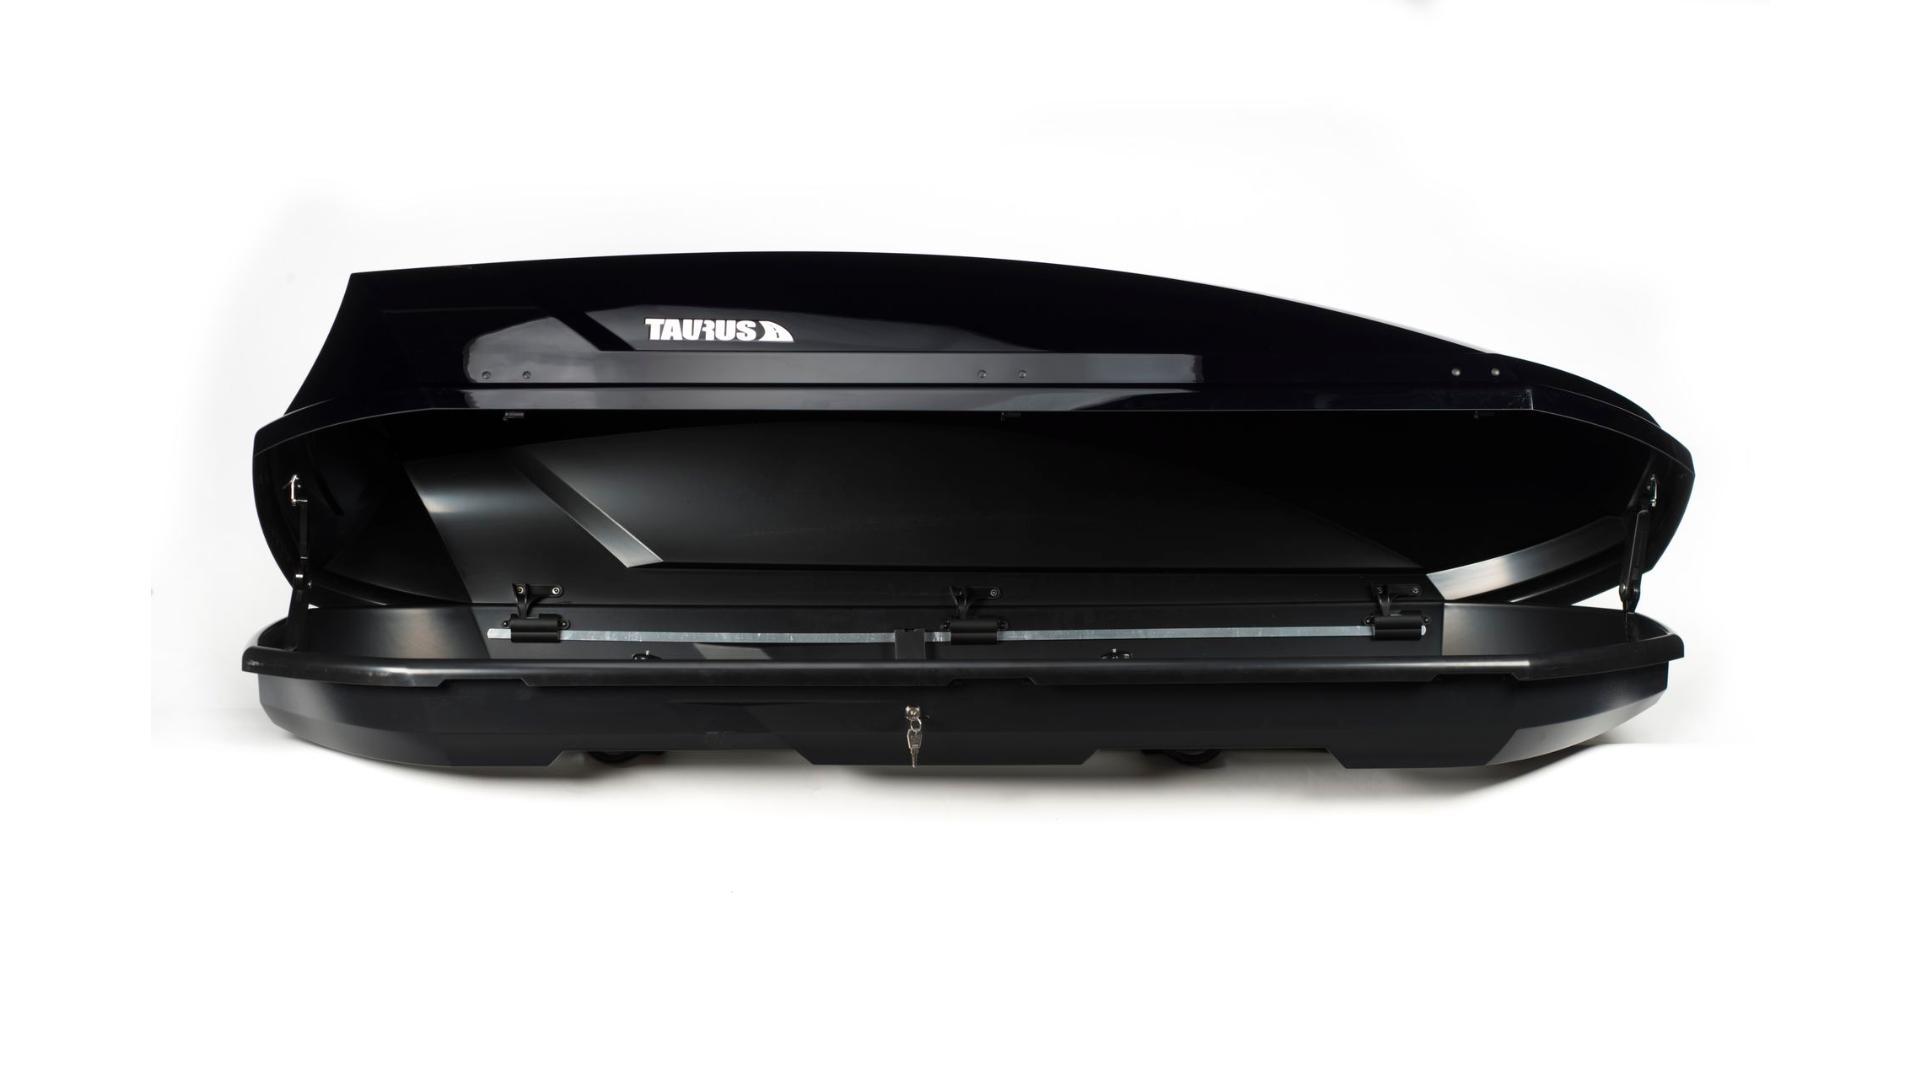 Taurus strešný box Adventure (205 x 84 x 46) 480l. - čierny lesklý ( obojstranne otvárateľný)